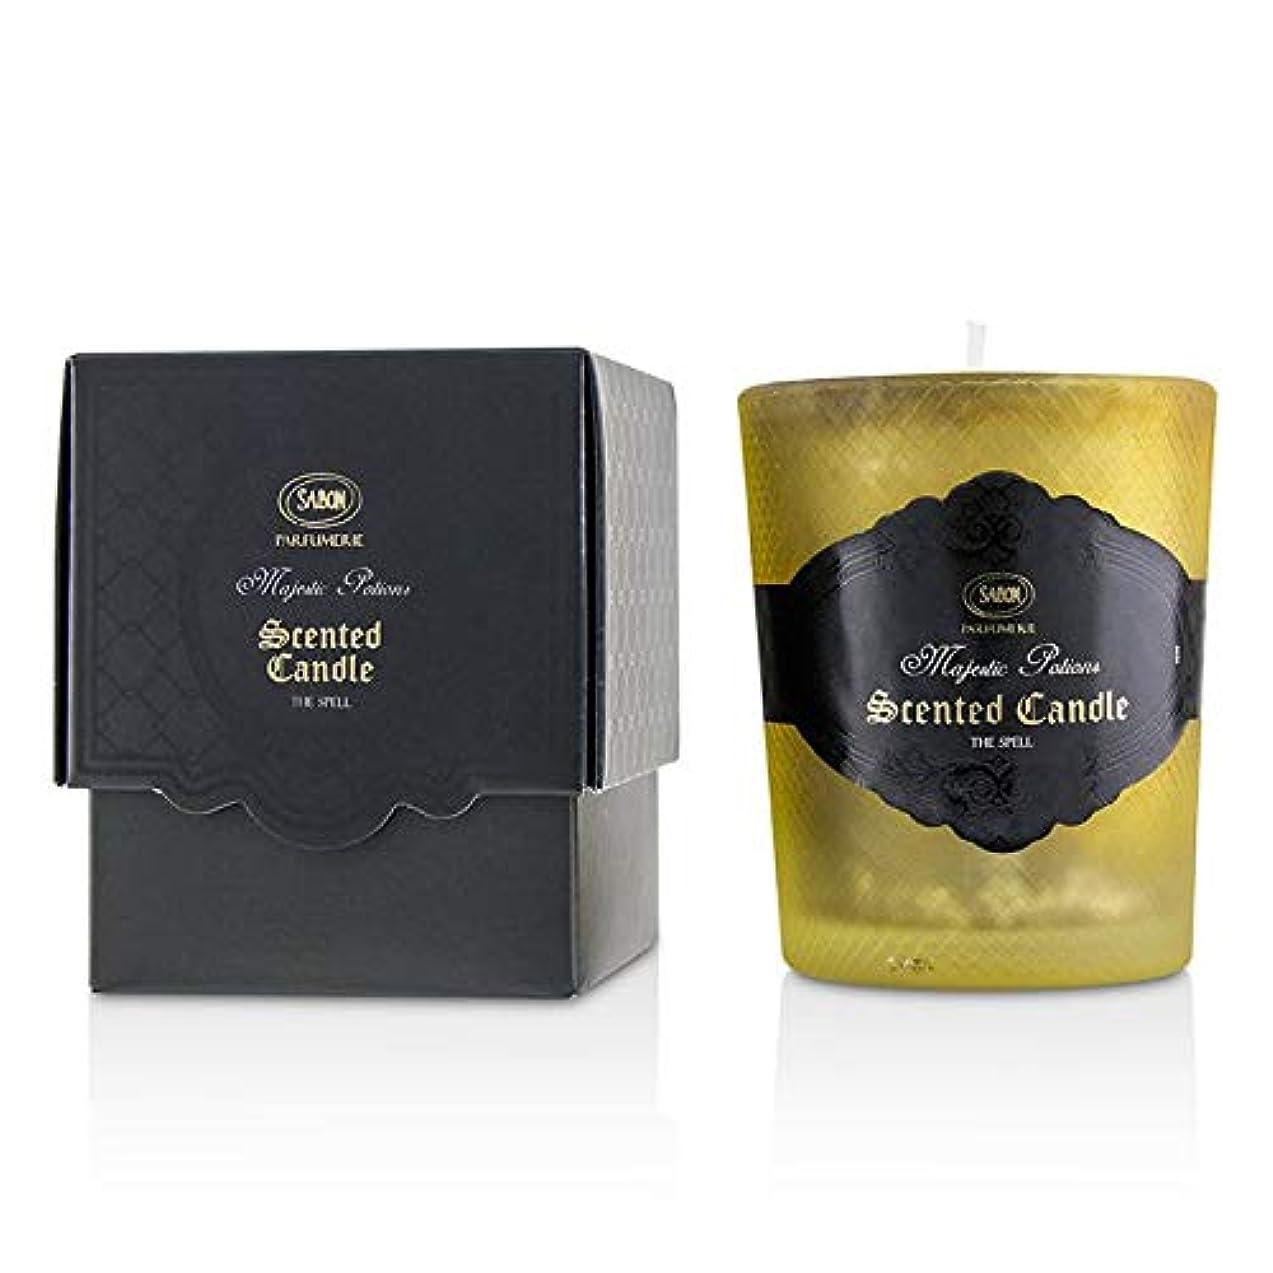 スズメバチサーバント沿ってサボン Luxury Glass Candle - The Spell 150ml/5oz並行輸入品